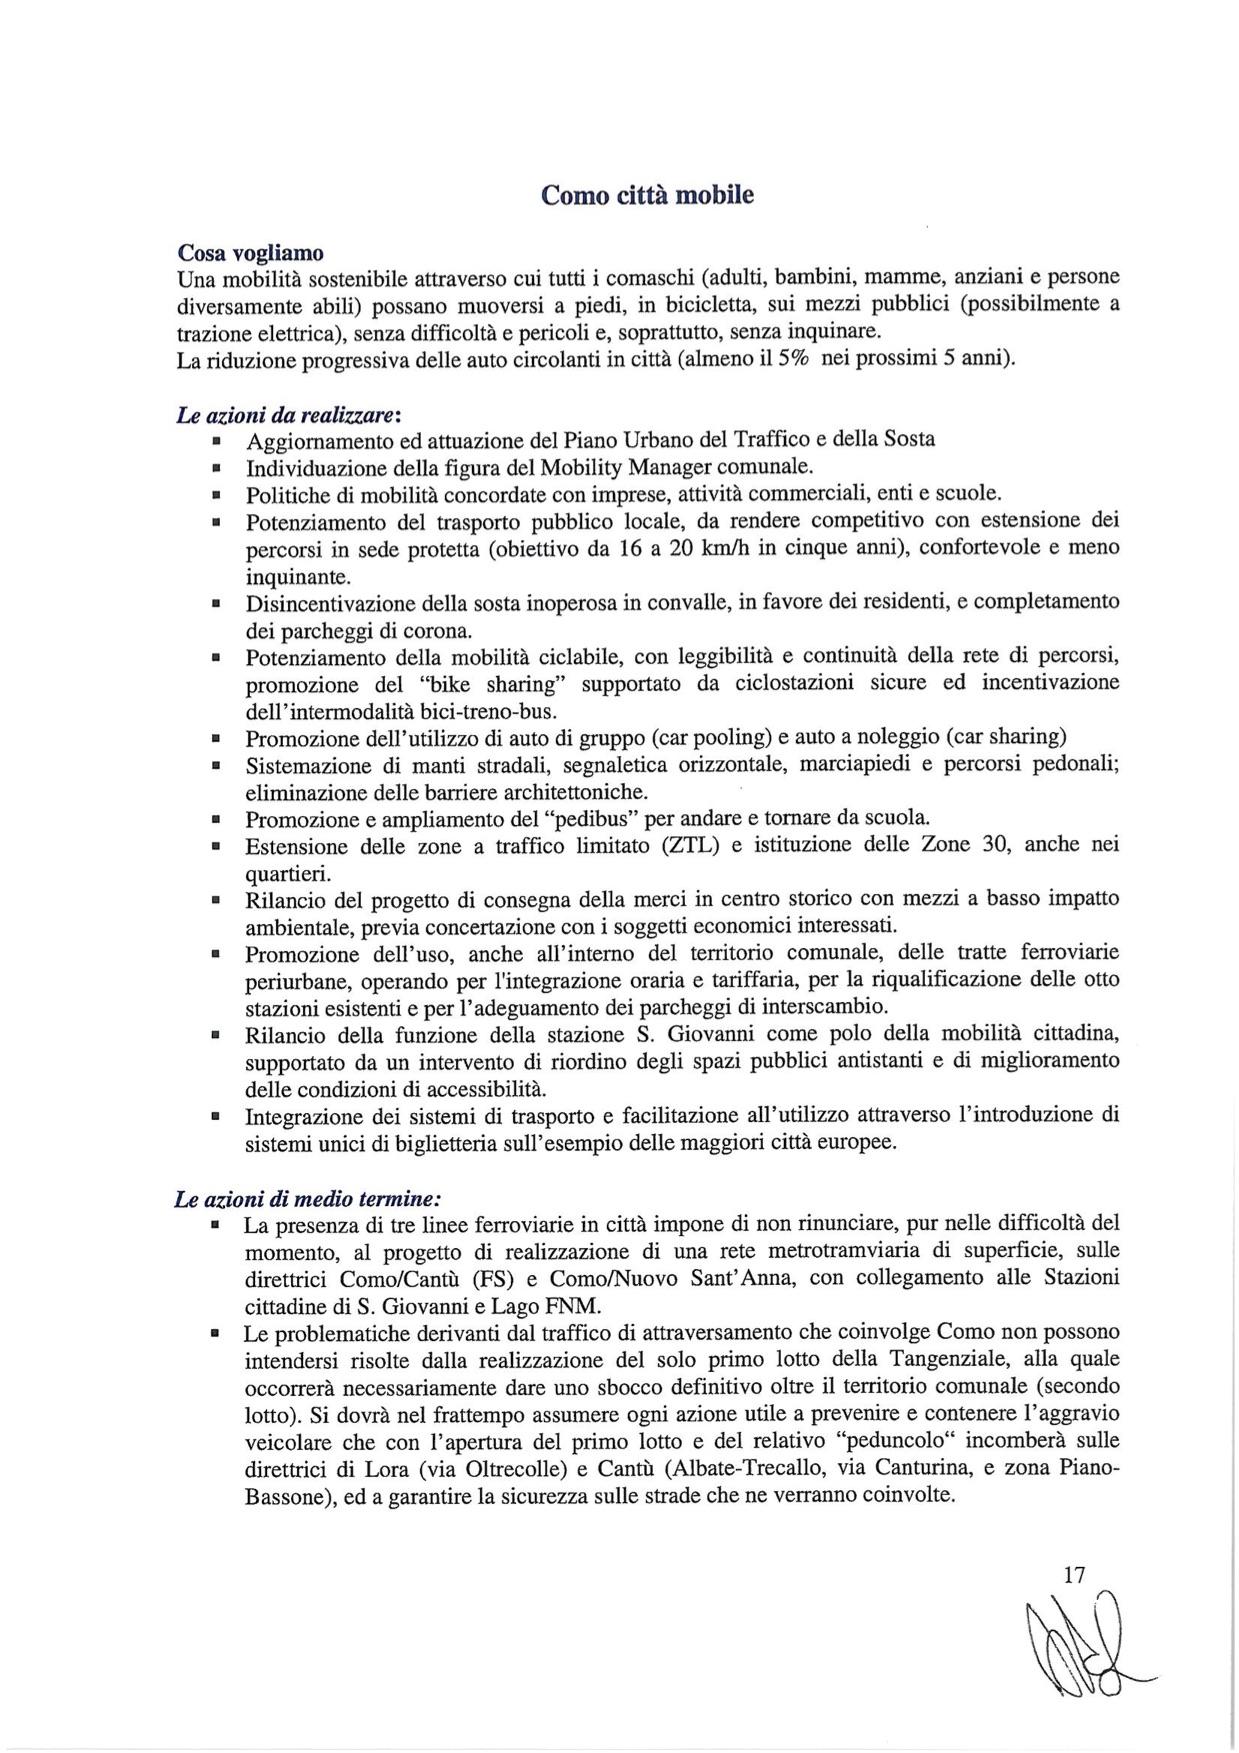 Programma_Lucini_Mario_sito (trascinato).jpg